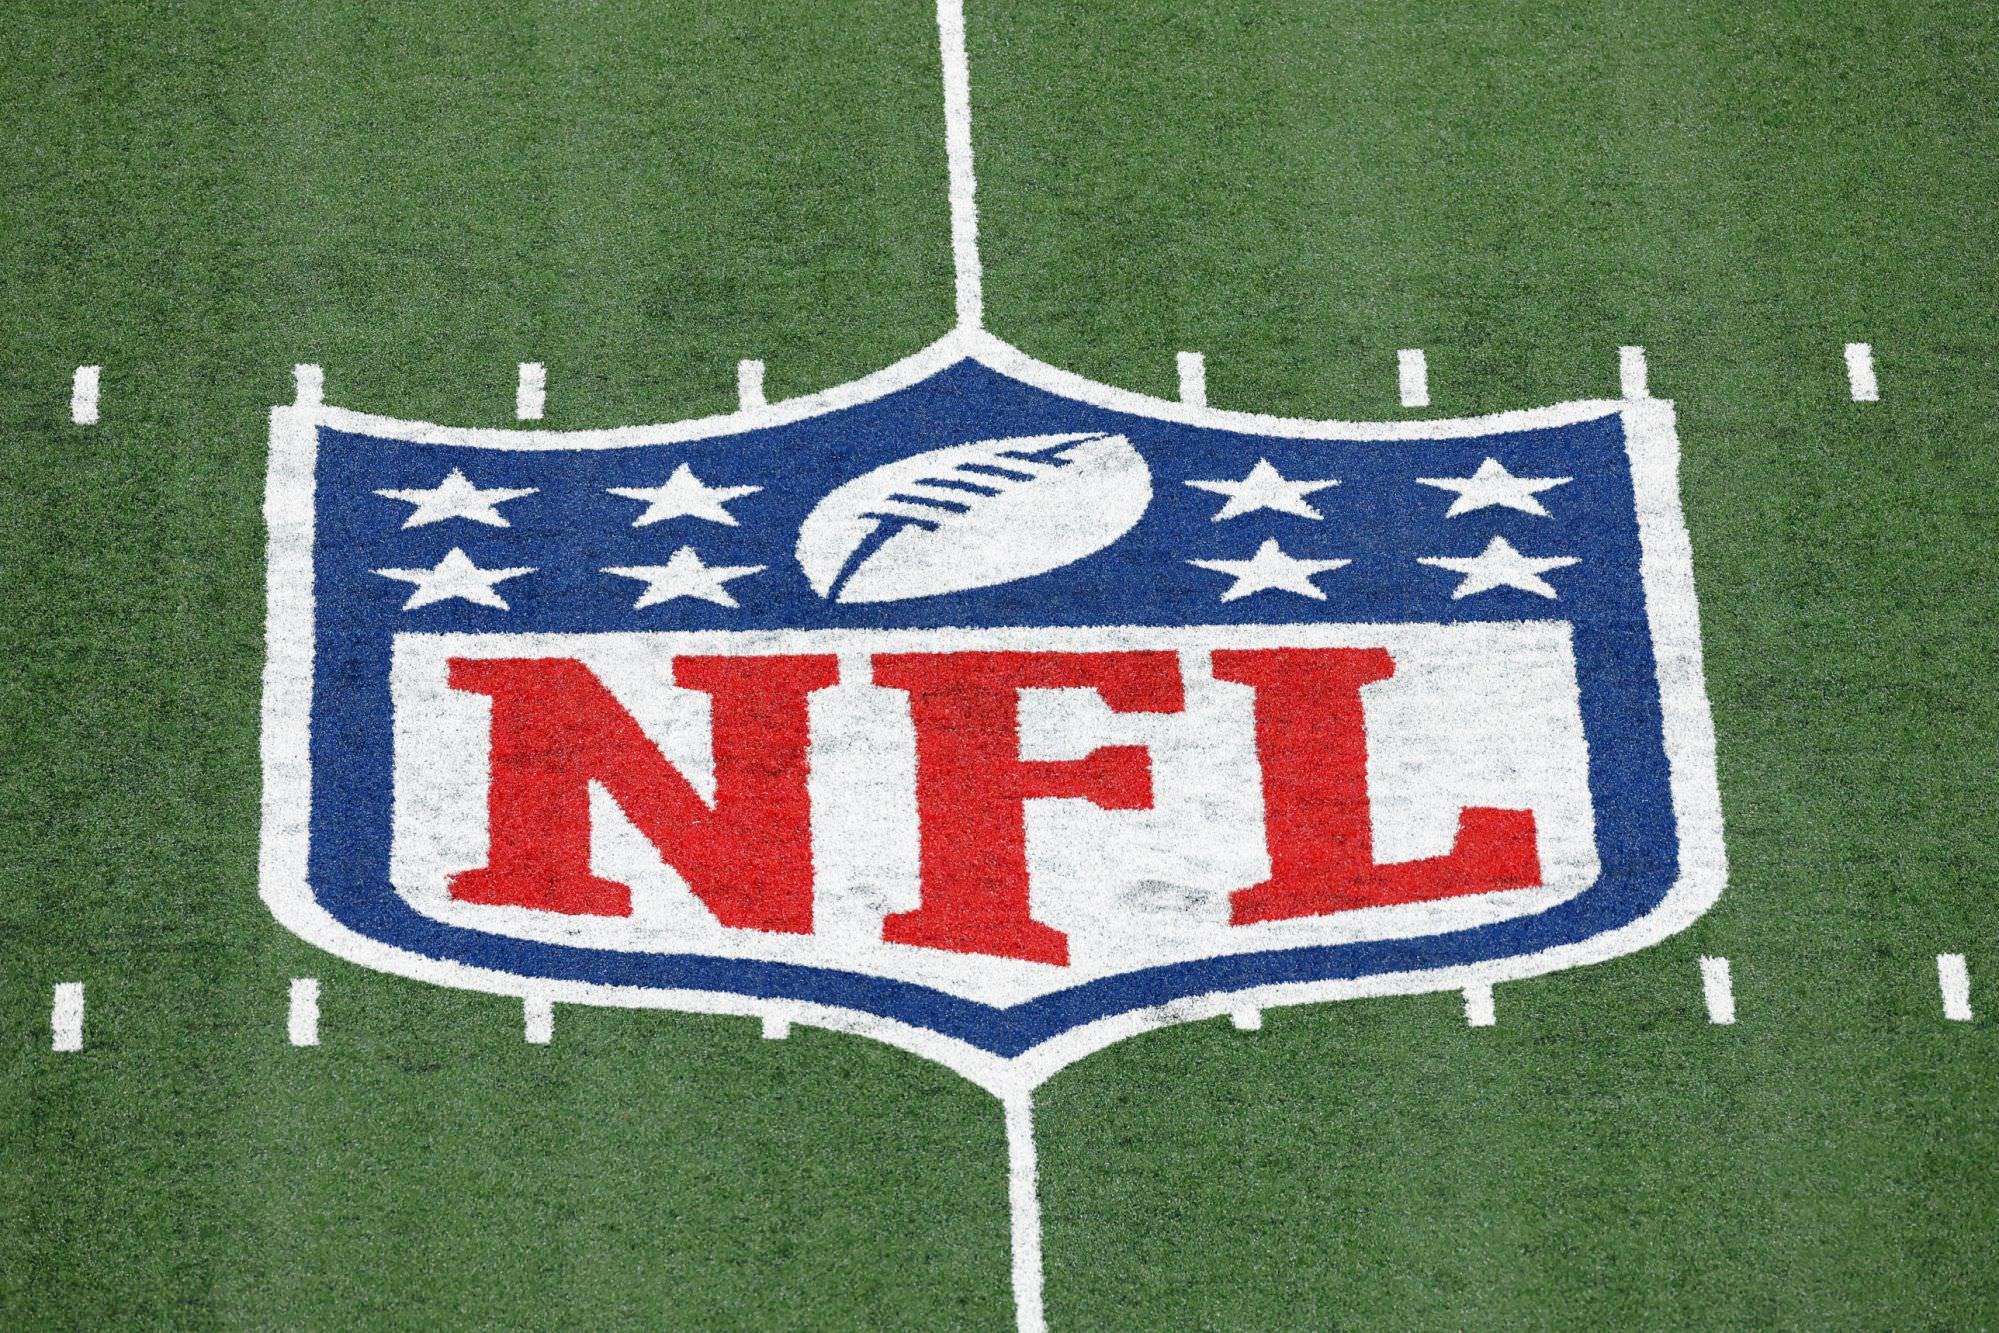 Limite salarial de 2021 da NFL supostamente definido em $ 182,5 milhões na primeira redução desde 2011